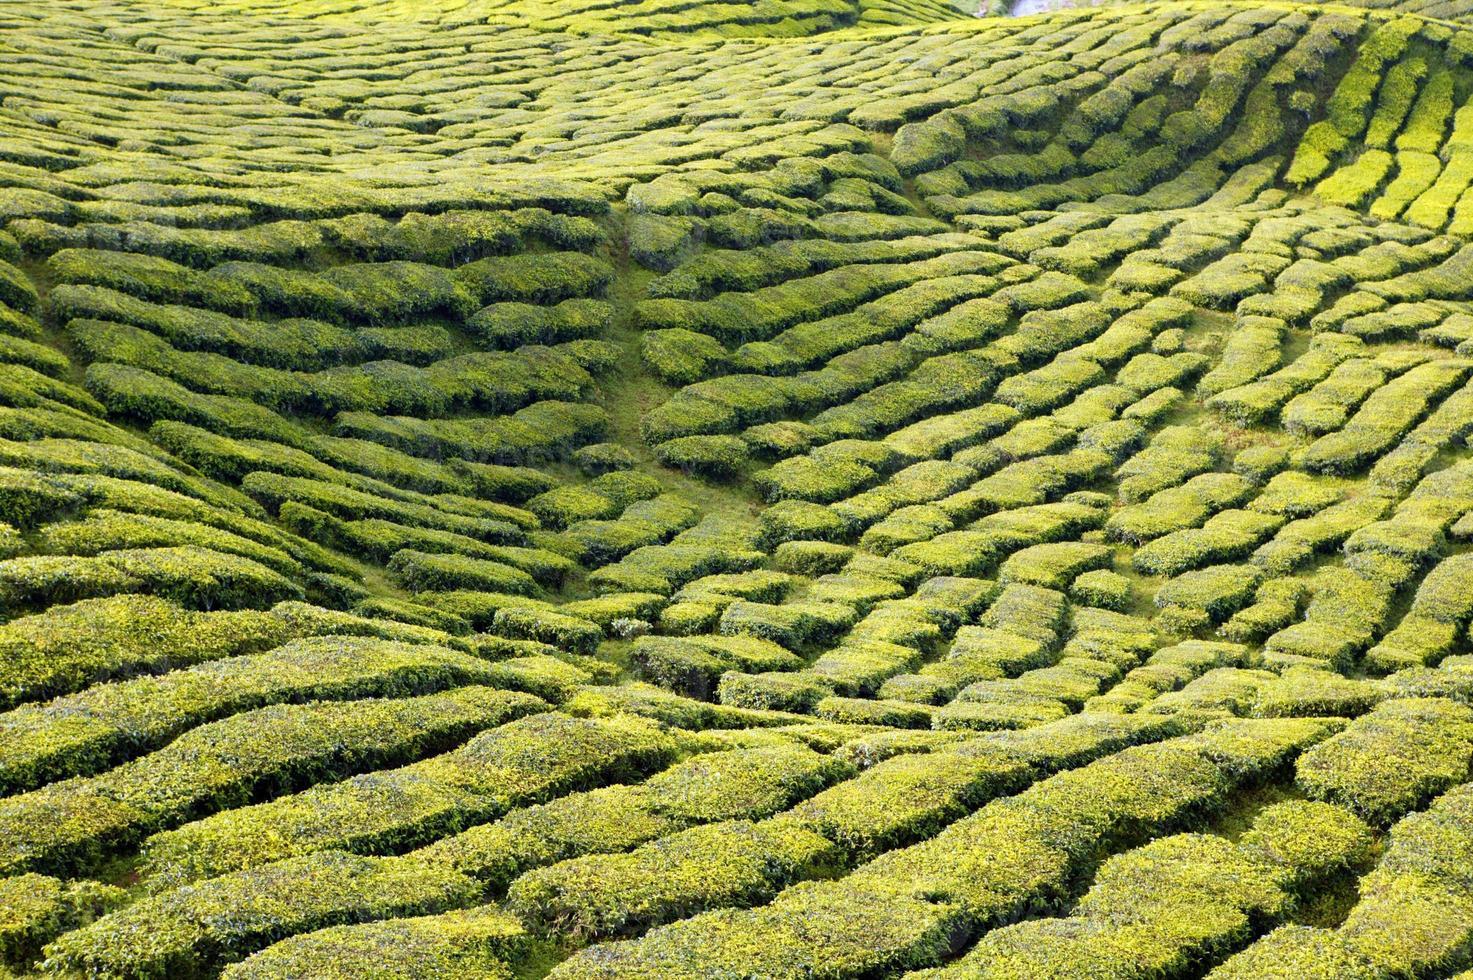 plantação de chá cameron highlands pahang malásia foto